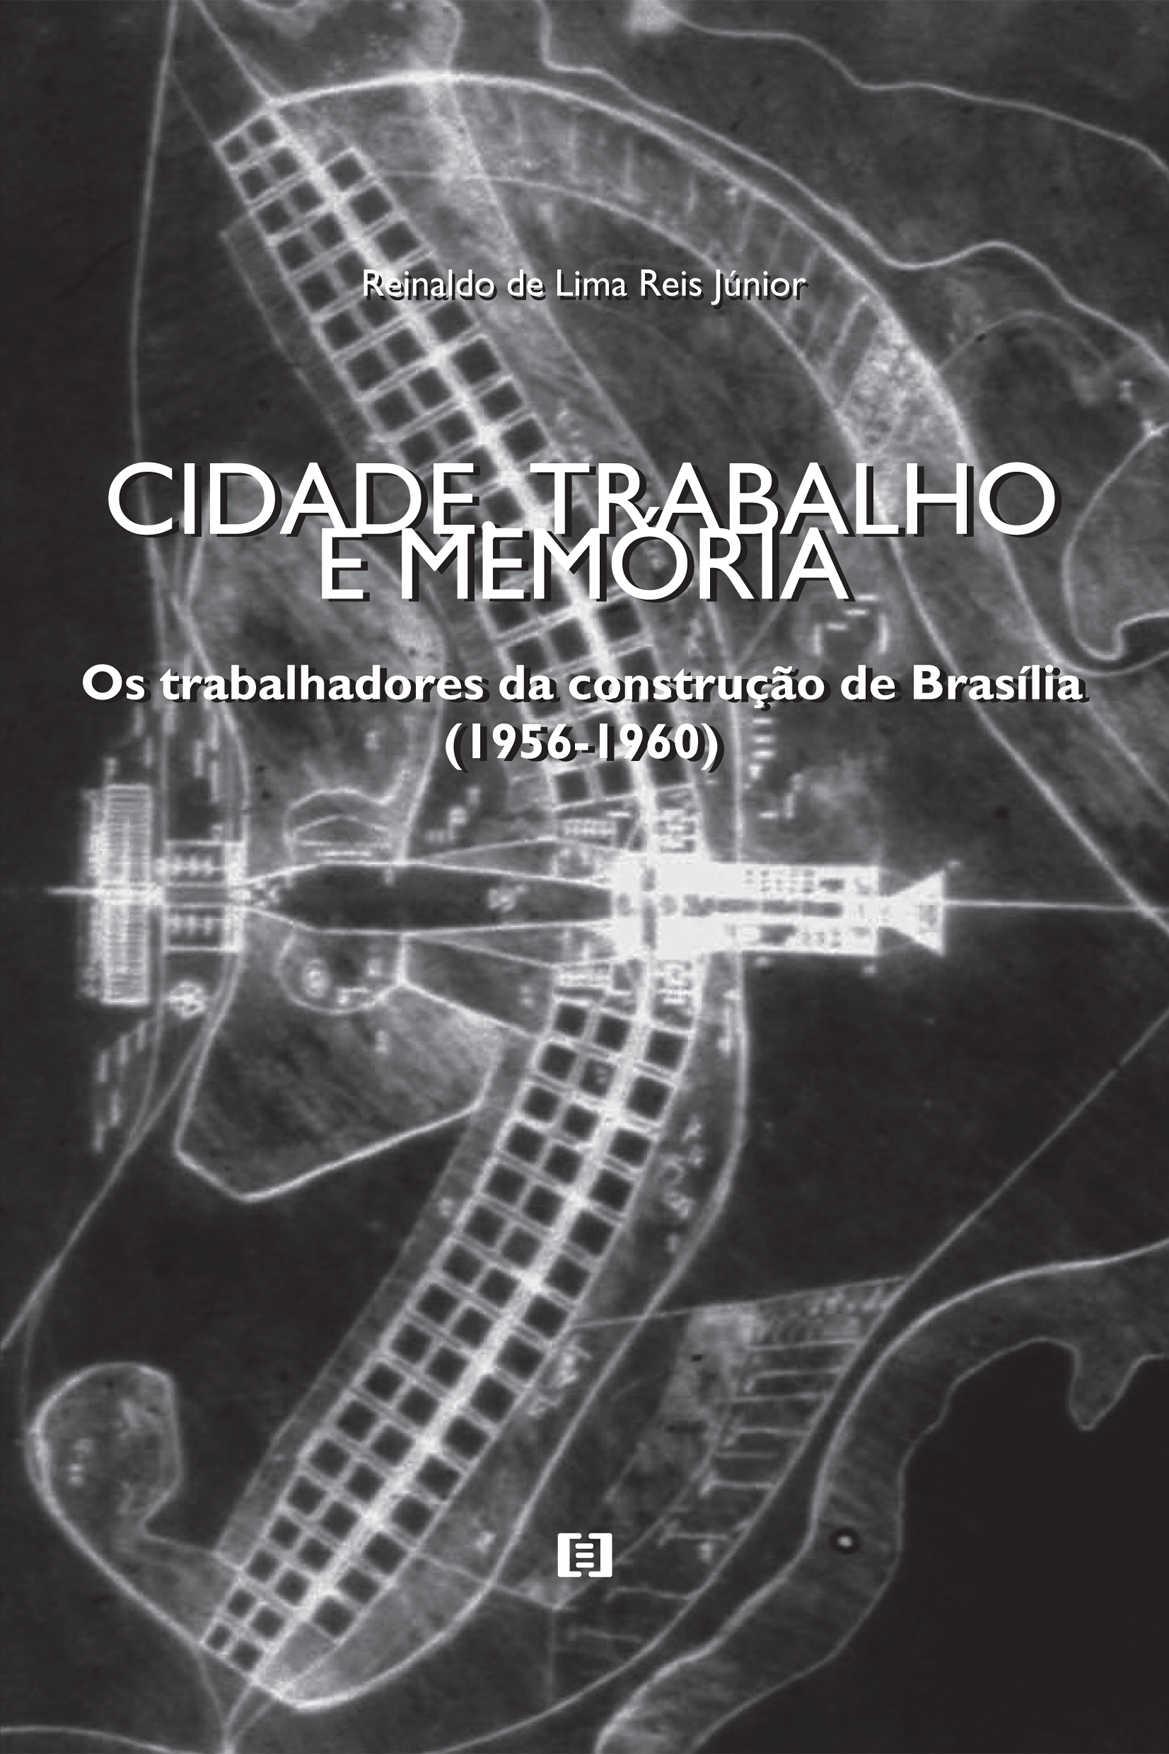 Cidade, trabalho e memória: Os trabalhadores da construção de Brasília (1956-1960)